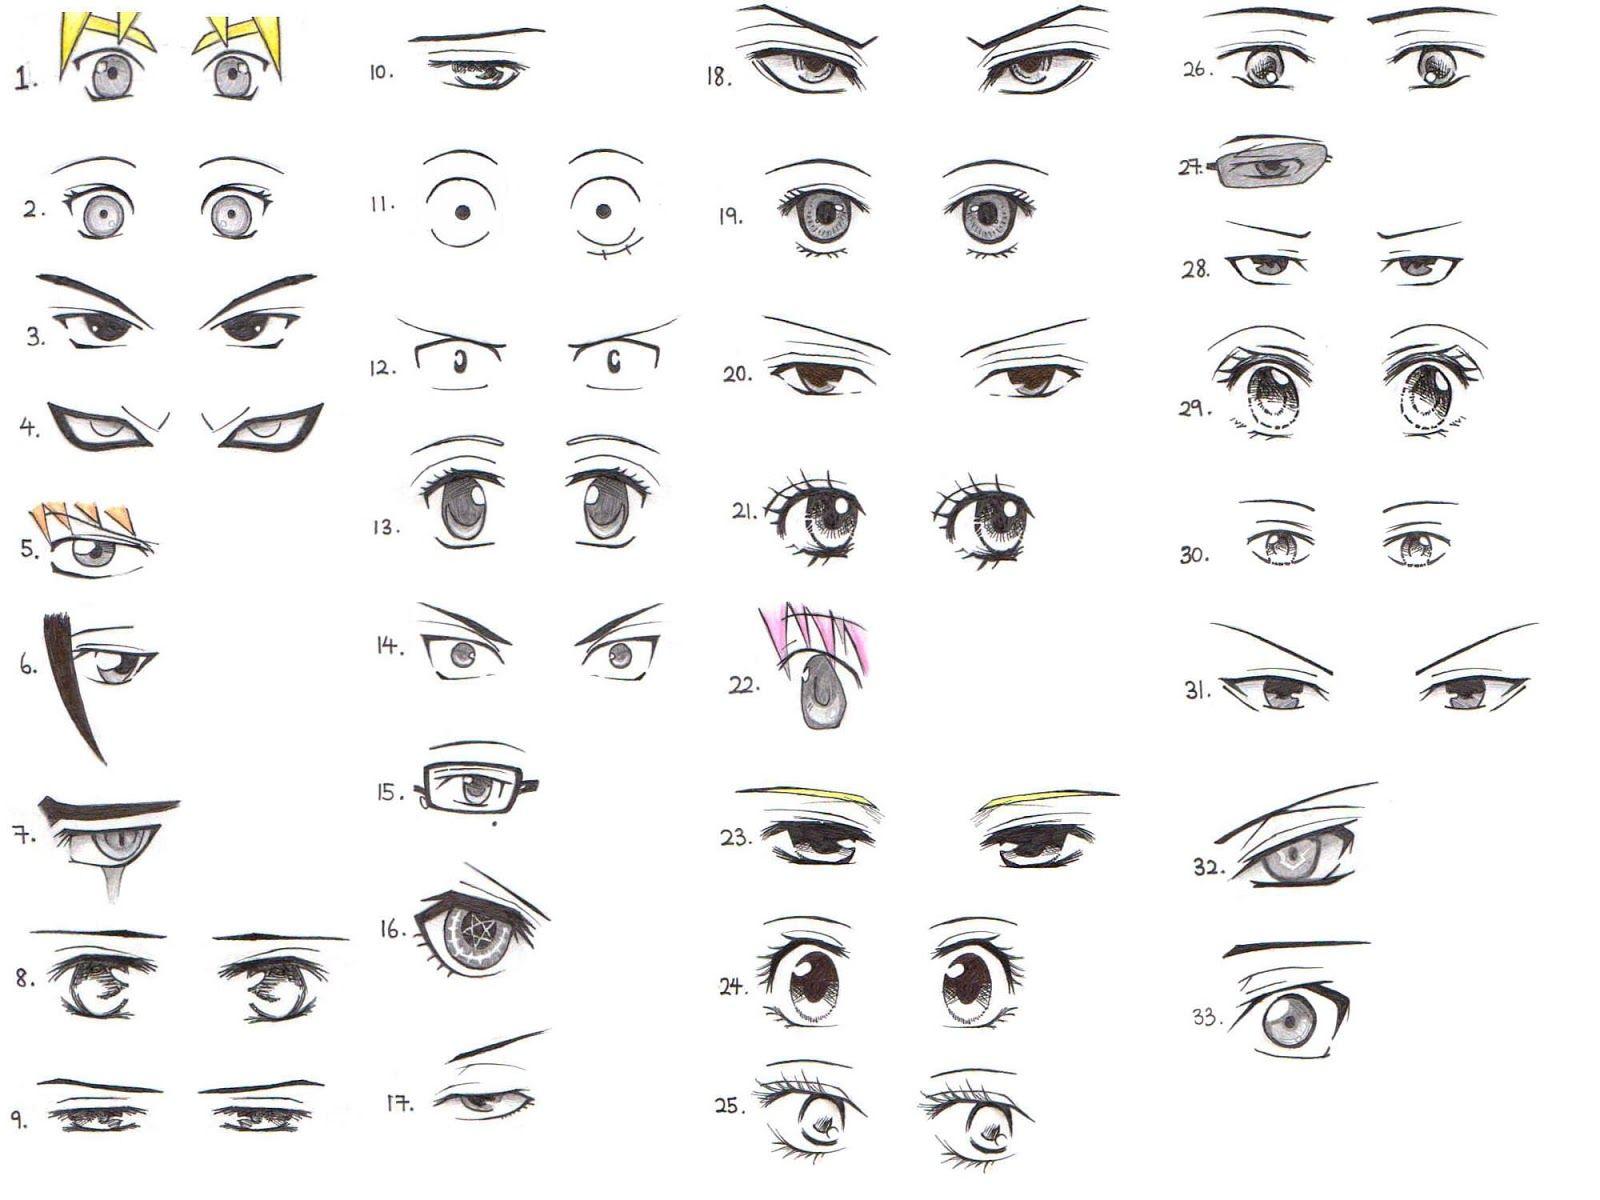 anime ojos hombre: Resultado De Imagen Para Ojos Anime Hombre